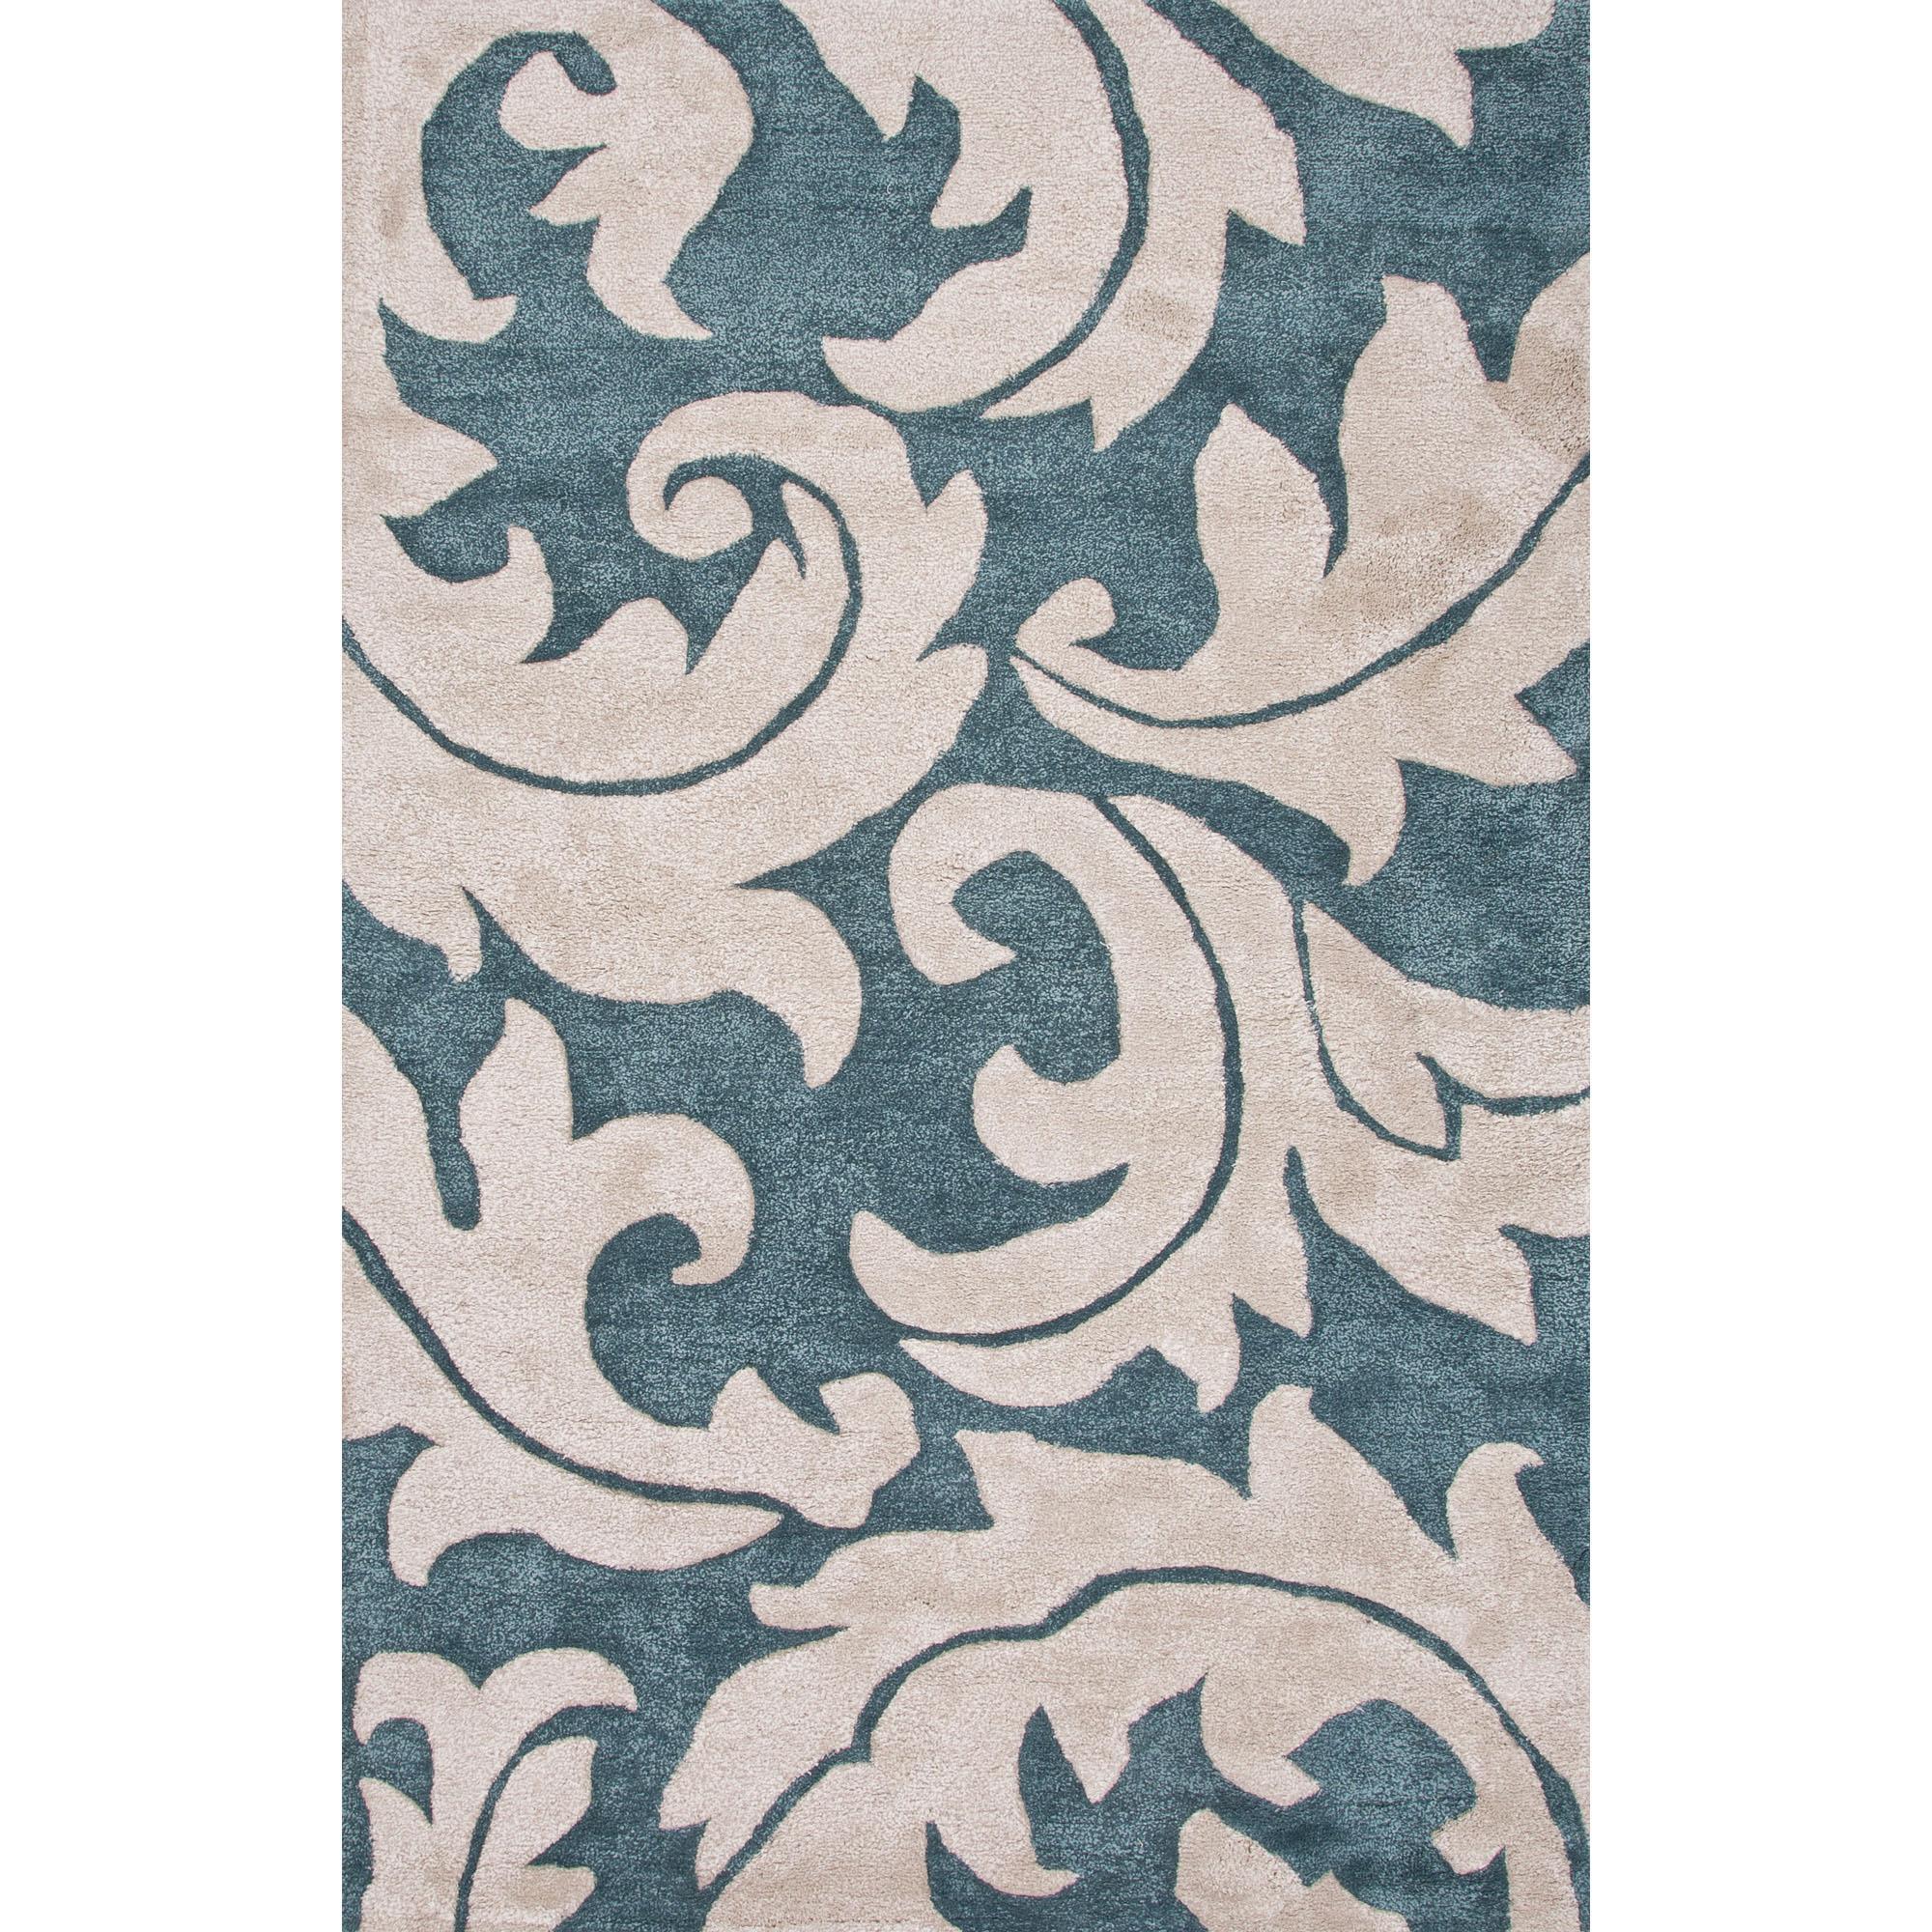 JAIPUR Rugs Blue 9 x 12 Rug - Item Number: RUG121250